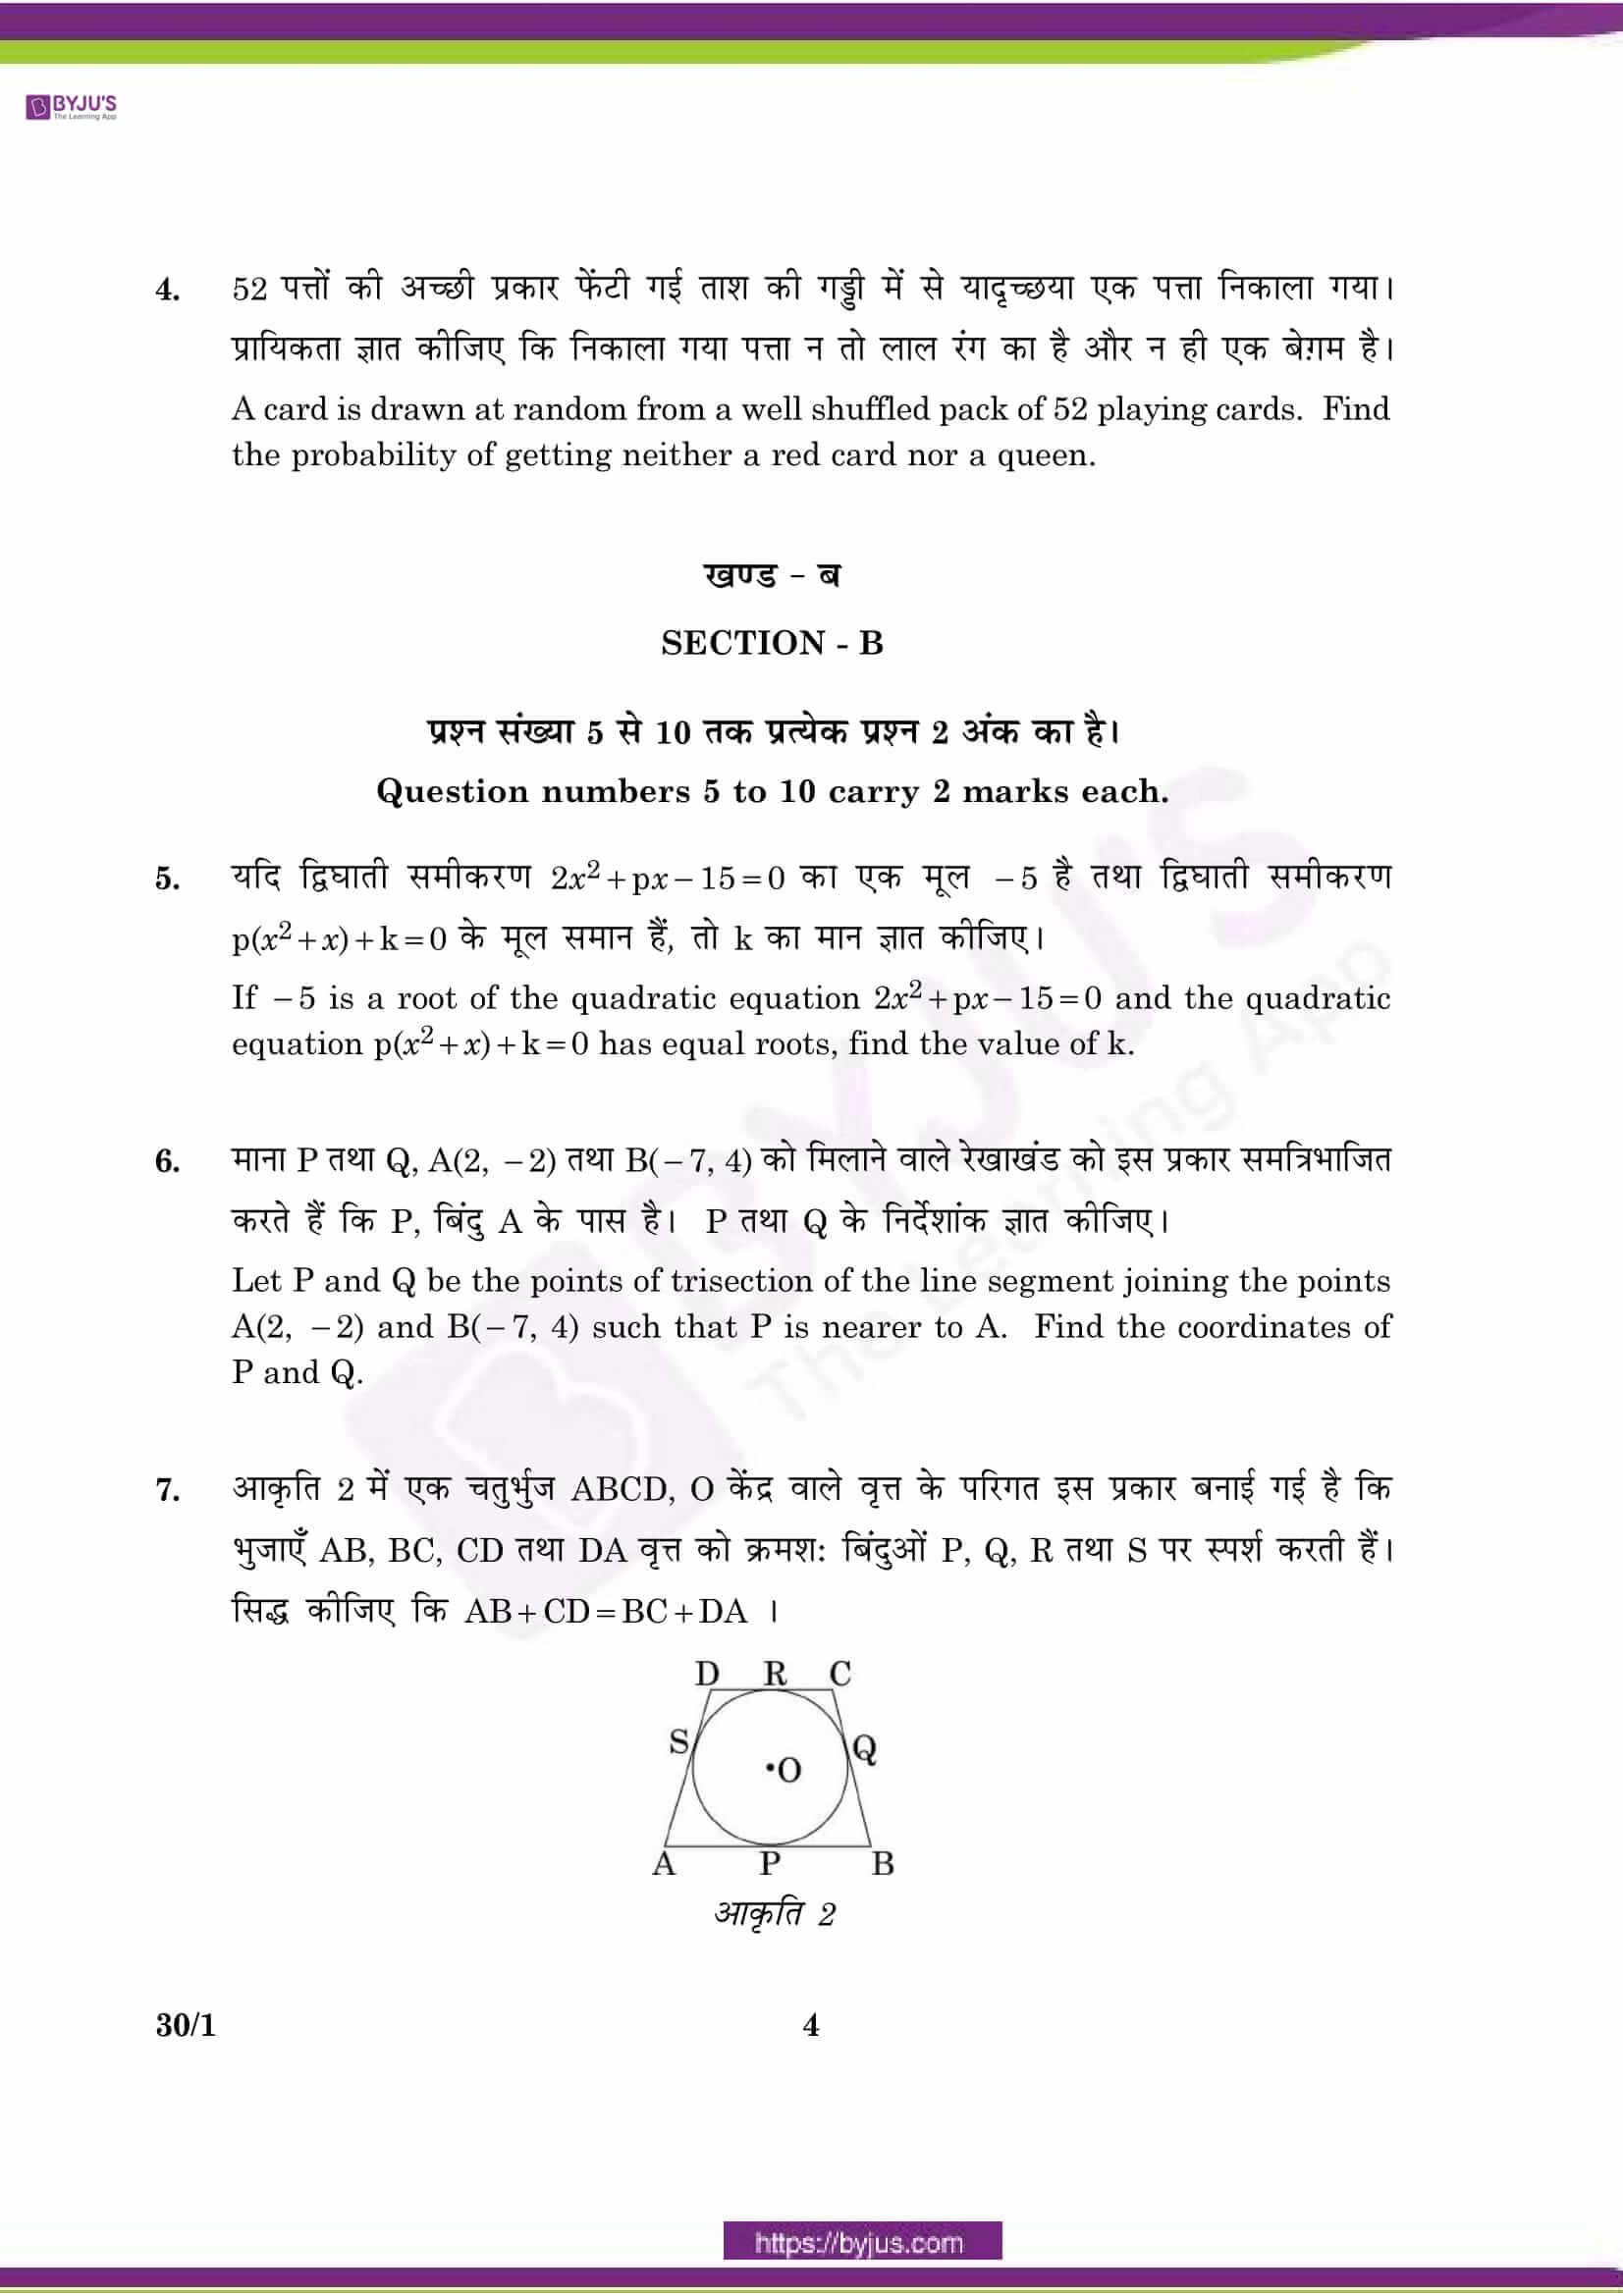 CBSE Class 10 Maths Qs Paper 2016 SA 2 Set 1 04